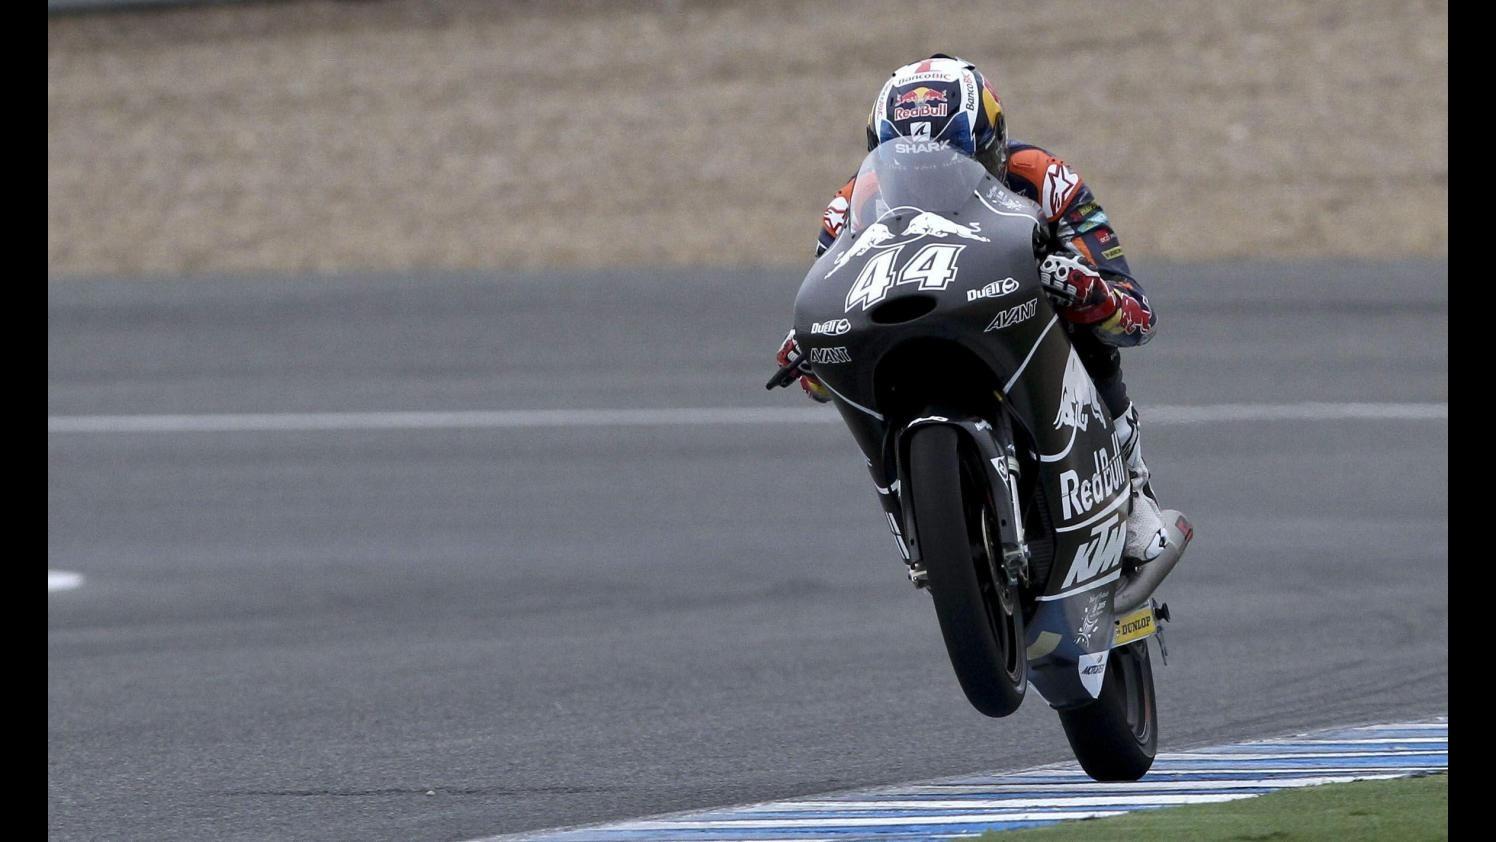 Motomondiale, Gp Italia: Oliveira trionfa in Moto 3, Rabat in Moto2